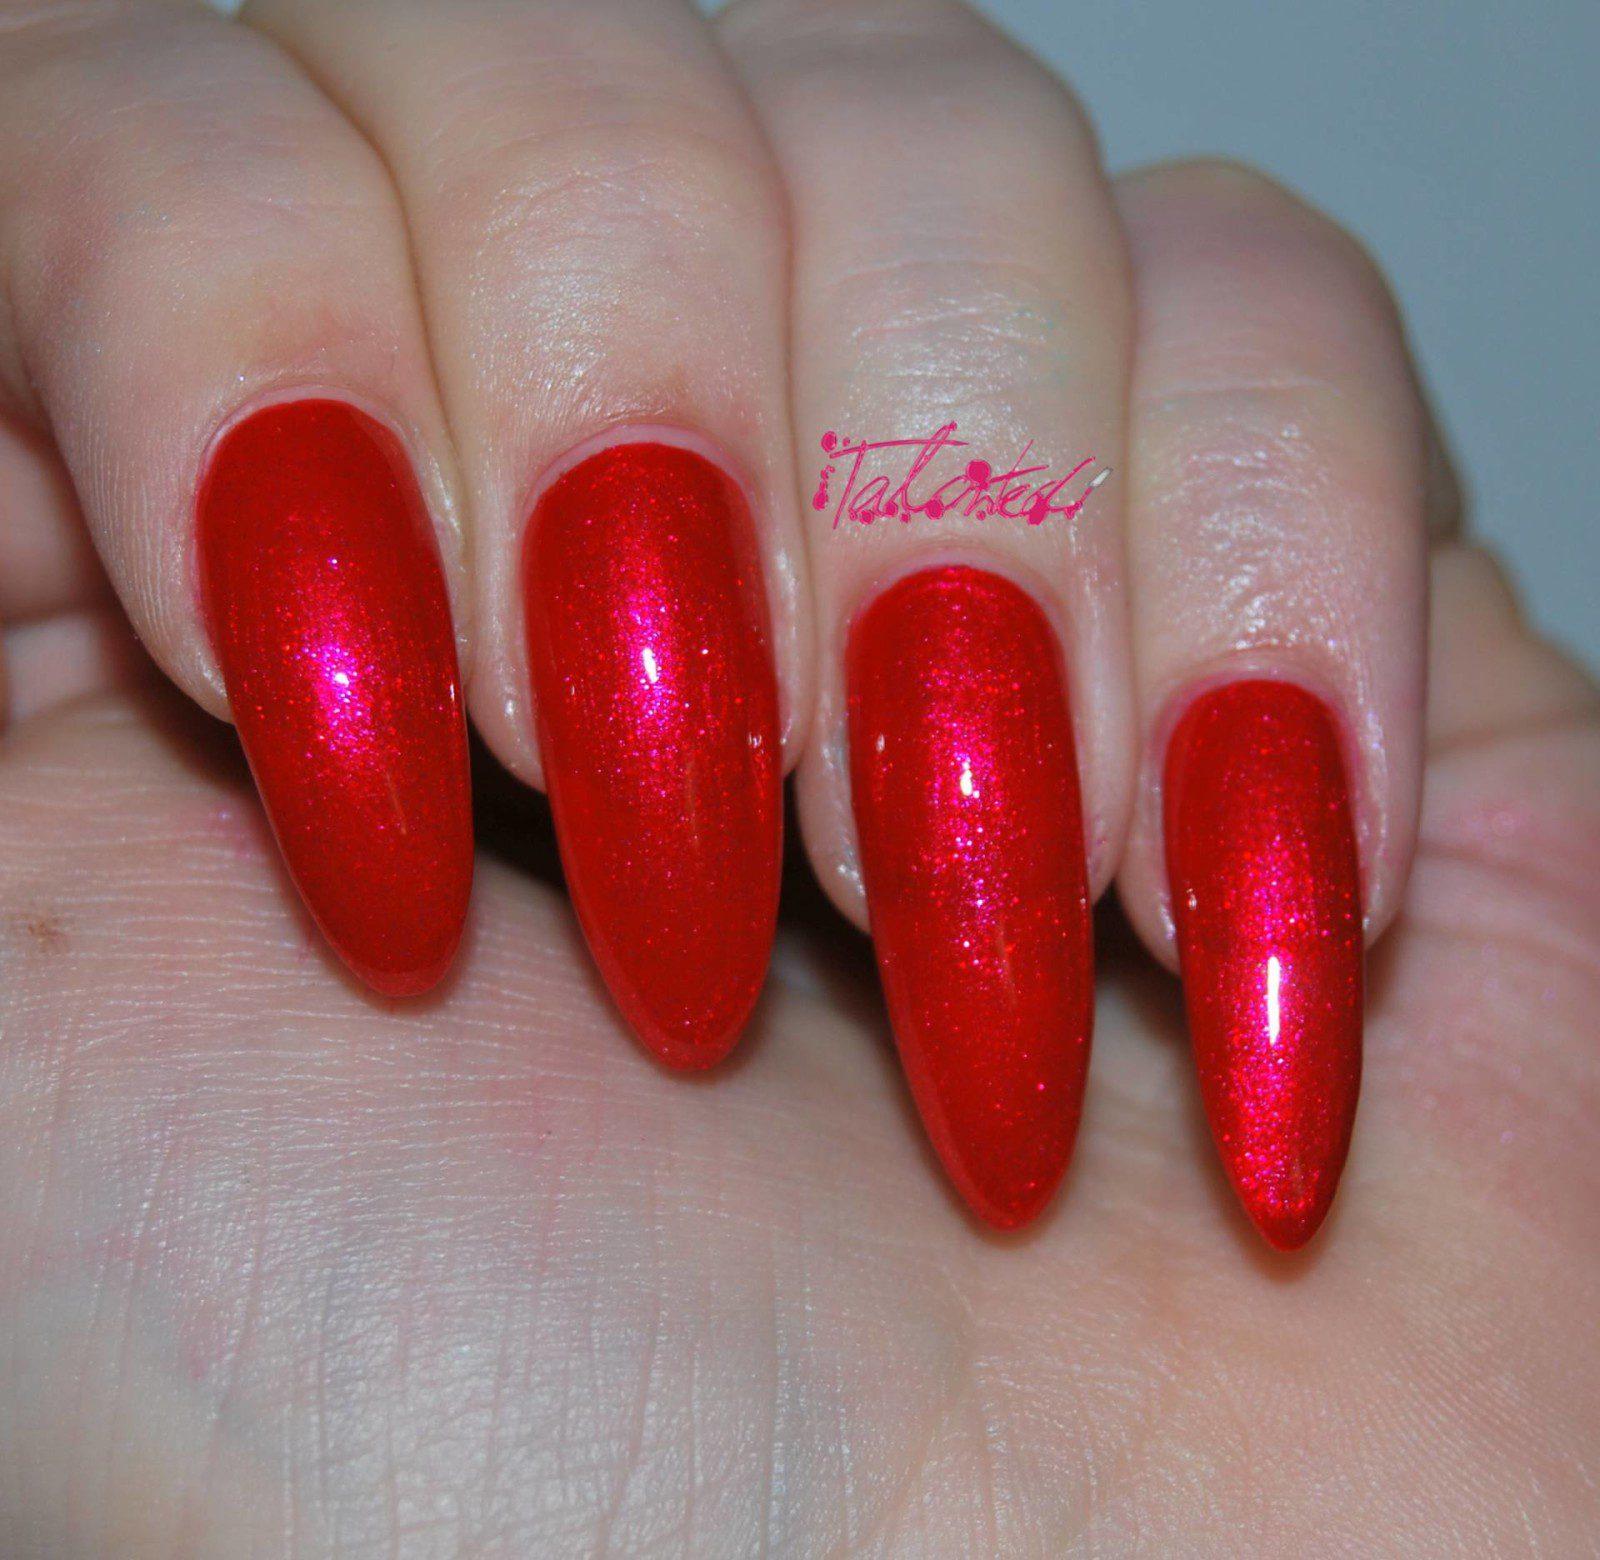 OPI 'Animal-istic' nail varnish